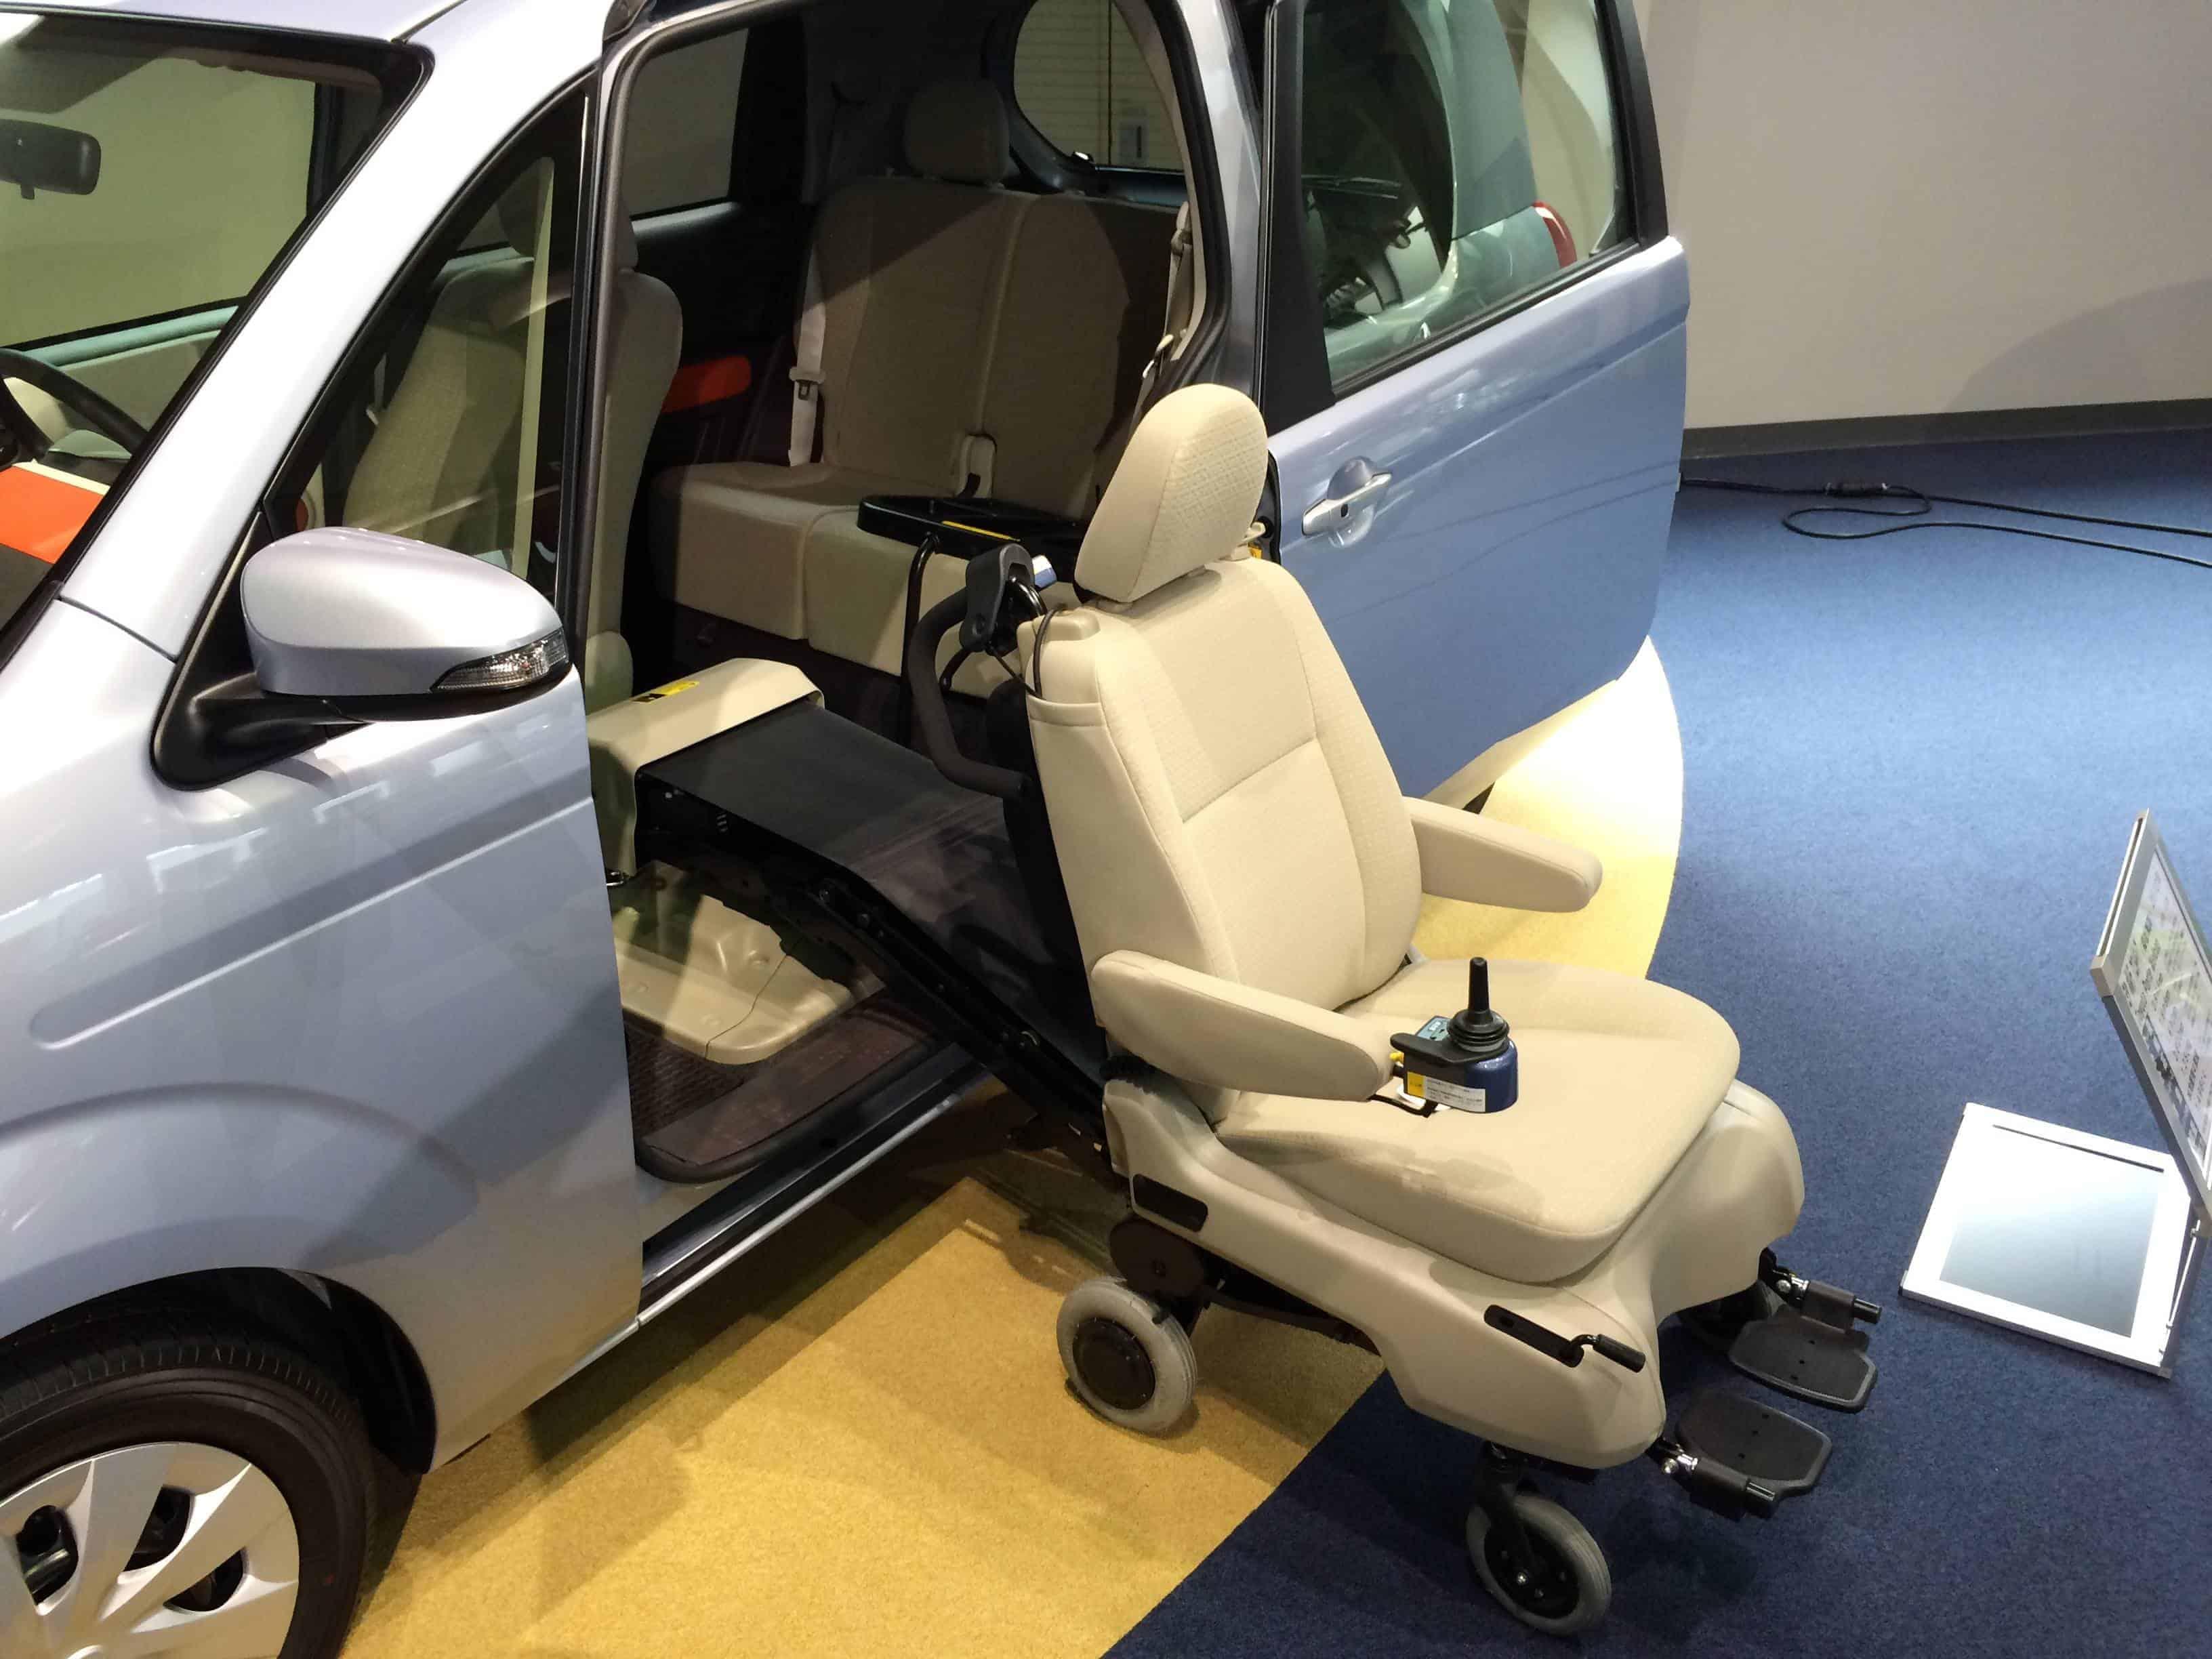 descuento en el seguro del coche por discapacidad